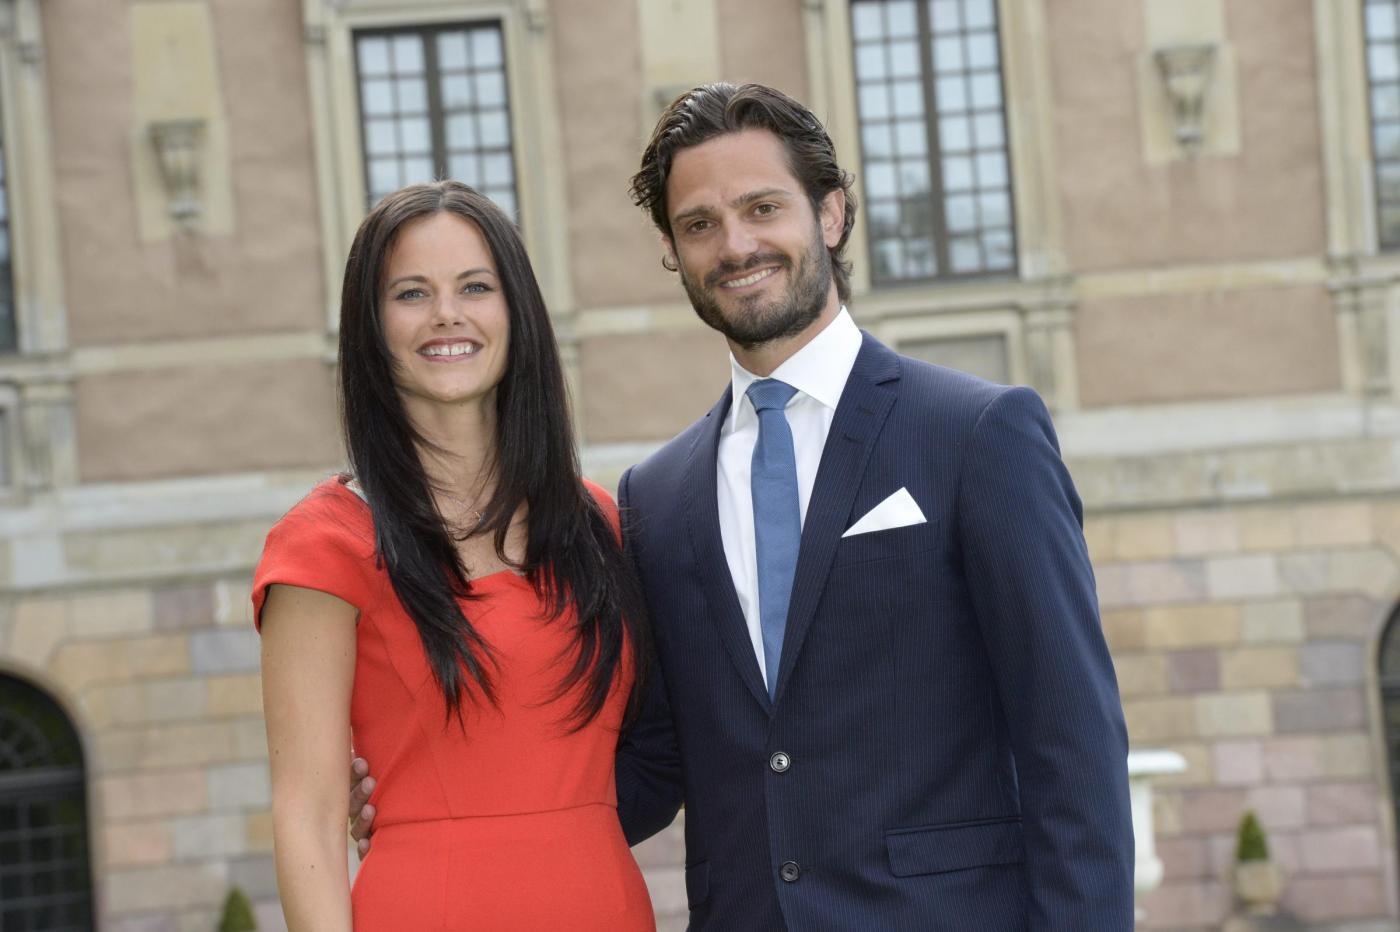 Carl Philip di Svezia e Sofia Hellqvist sposi: matrimonio reale a giugno